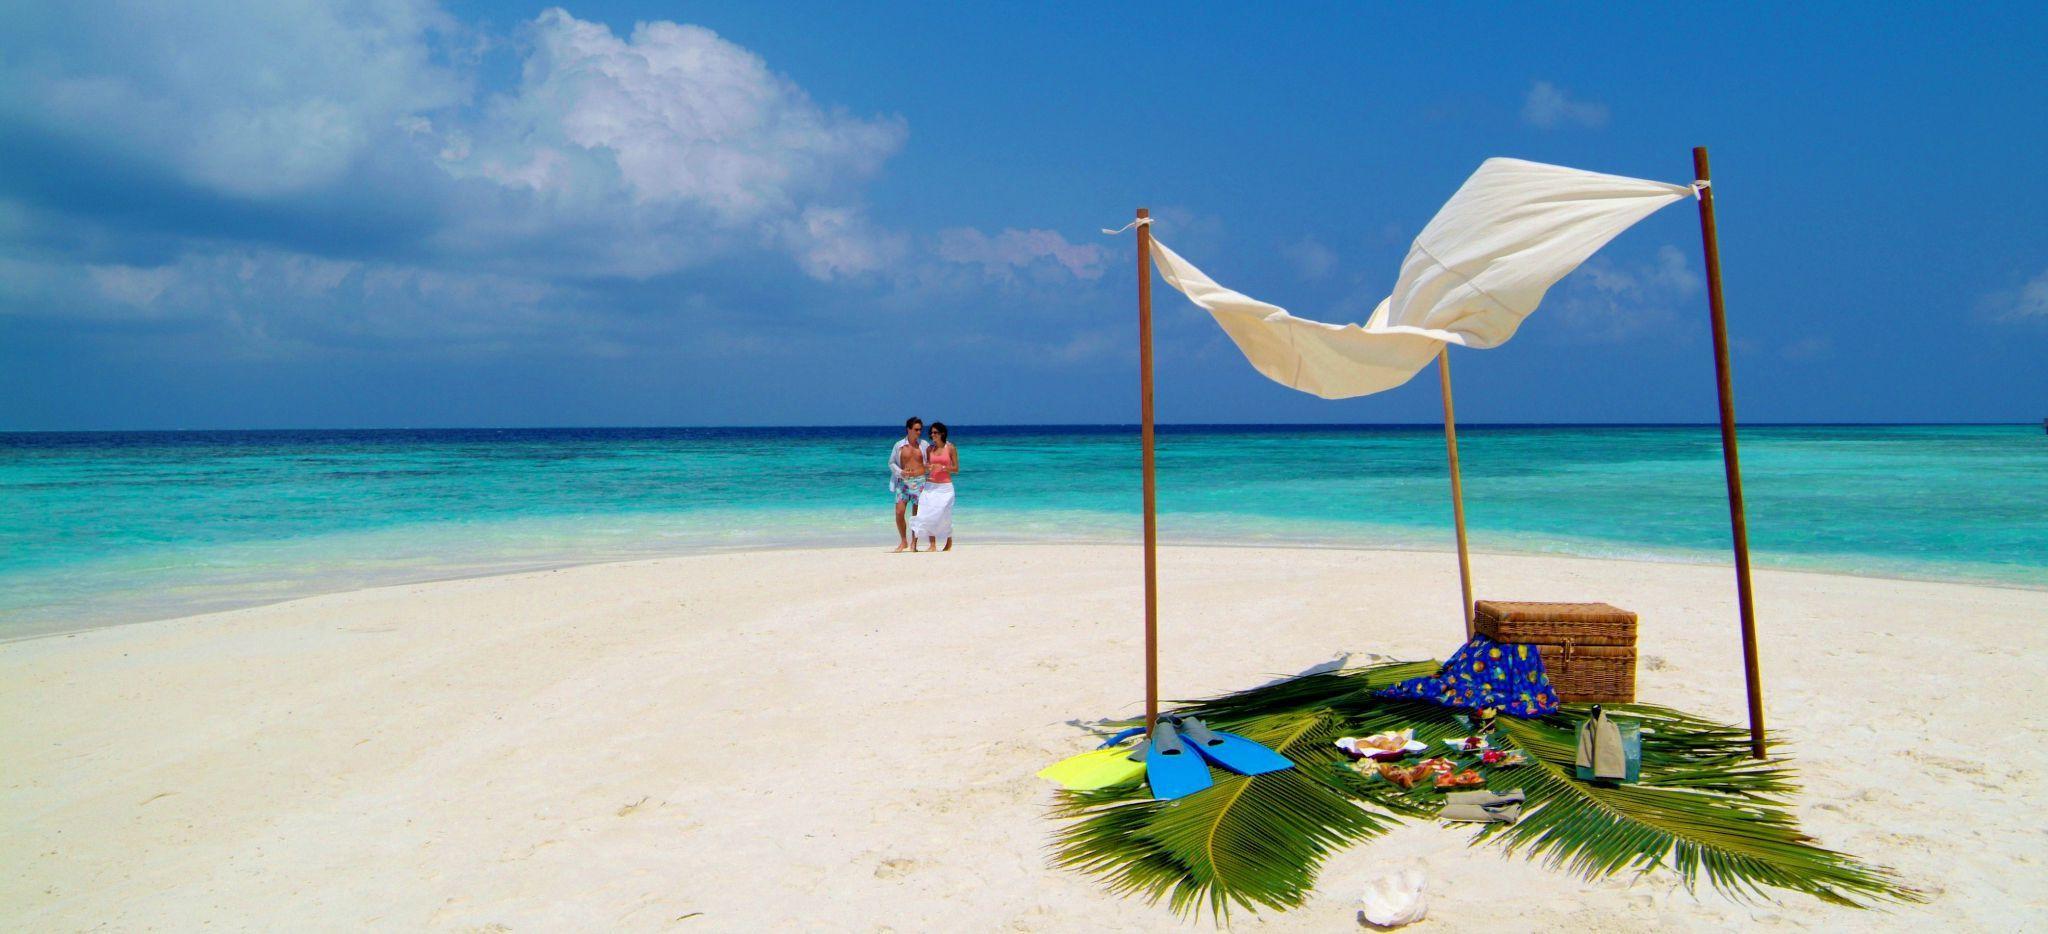 Ein Paar am Strand nahe einem mit einem Sonnensegel geschützten Picknickkorb auf einer Maledivischen Sandbank